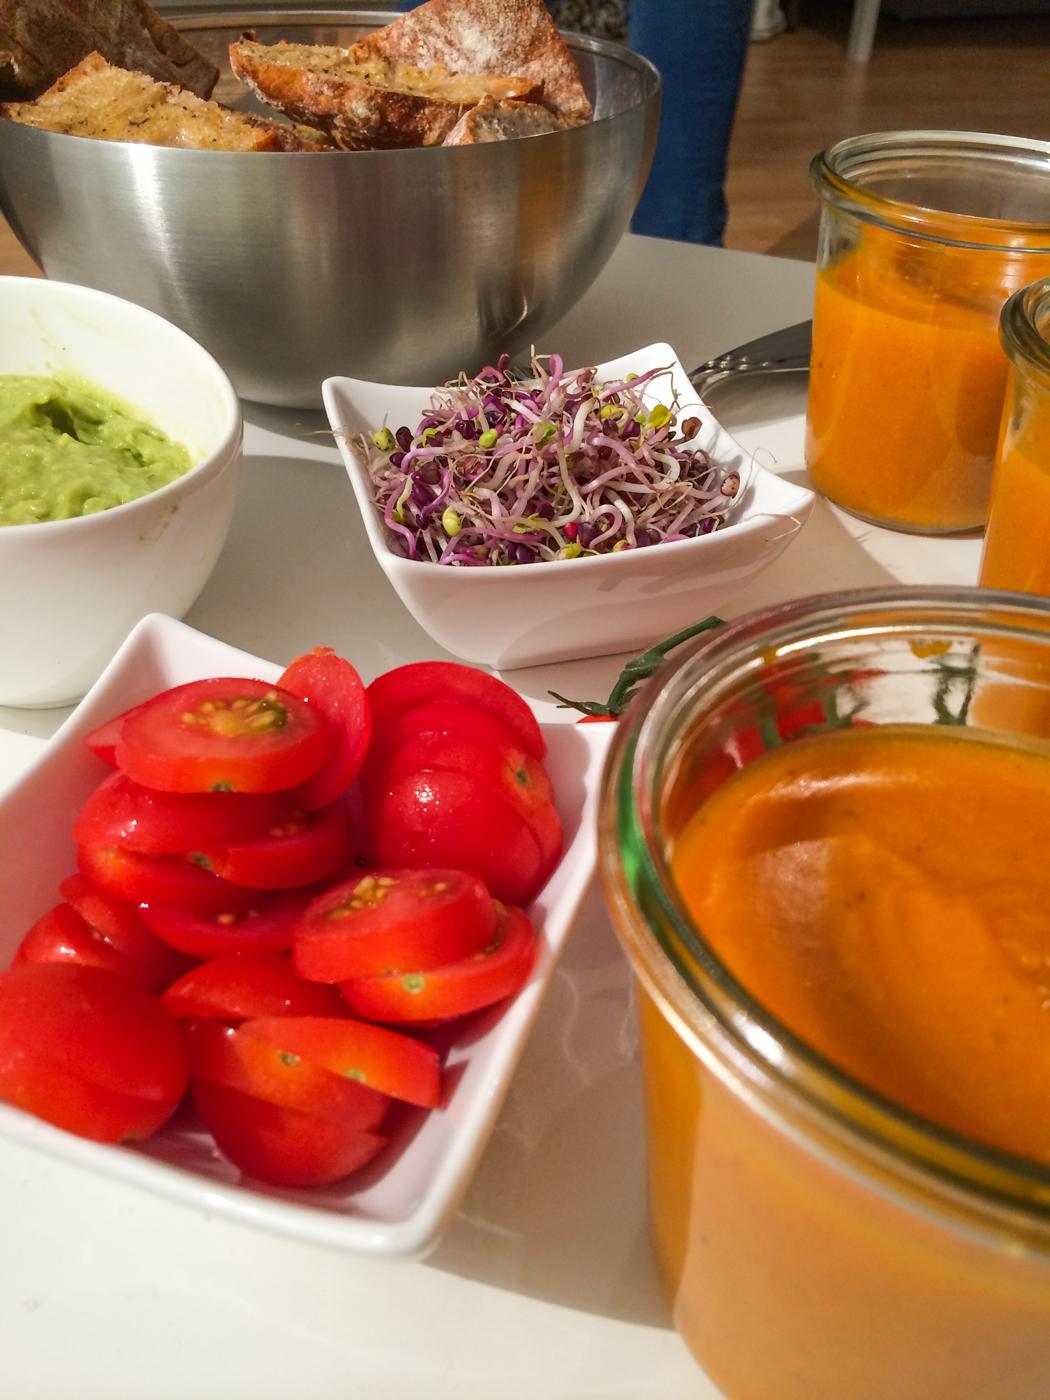 Kürbissuppe-Rezept-Knoblauchbaguette-Abendessenideen-Lindarella-5